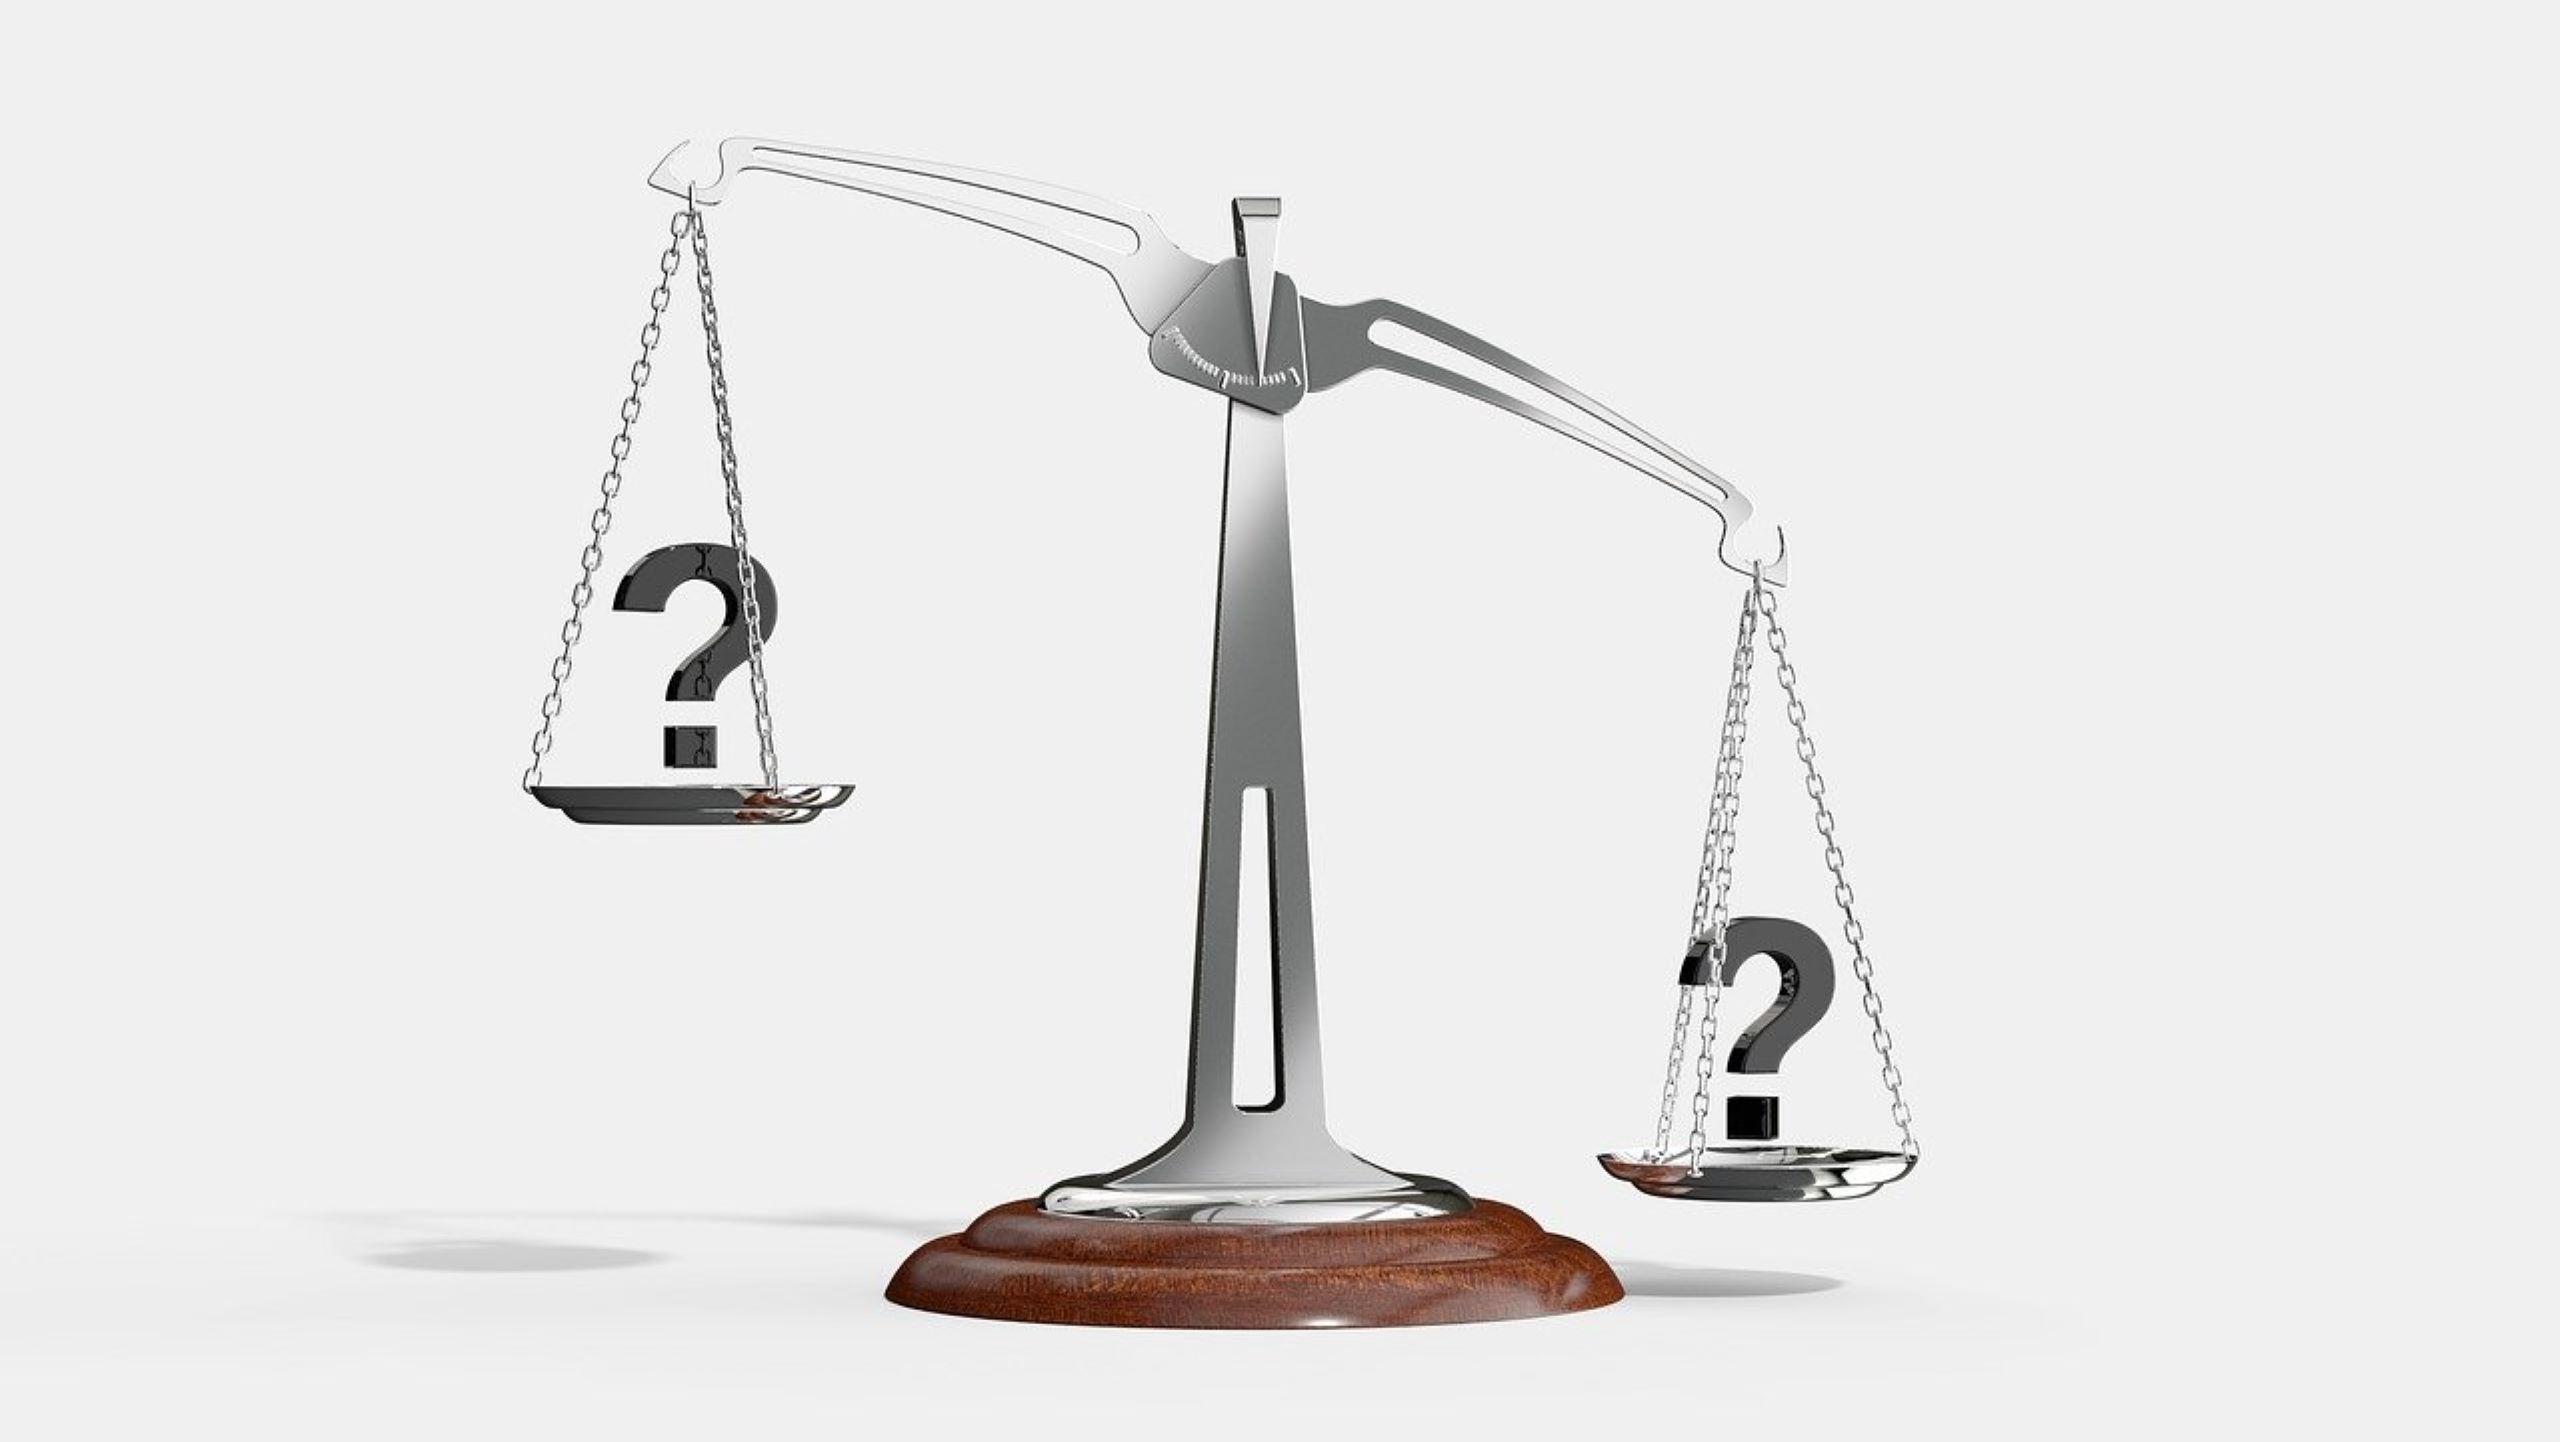 Rentabilitätsrechnung - Wann lohnt sich mein Projekt?